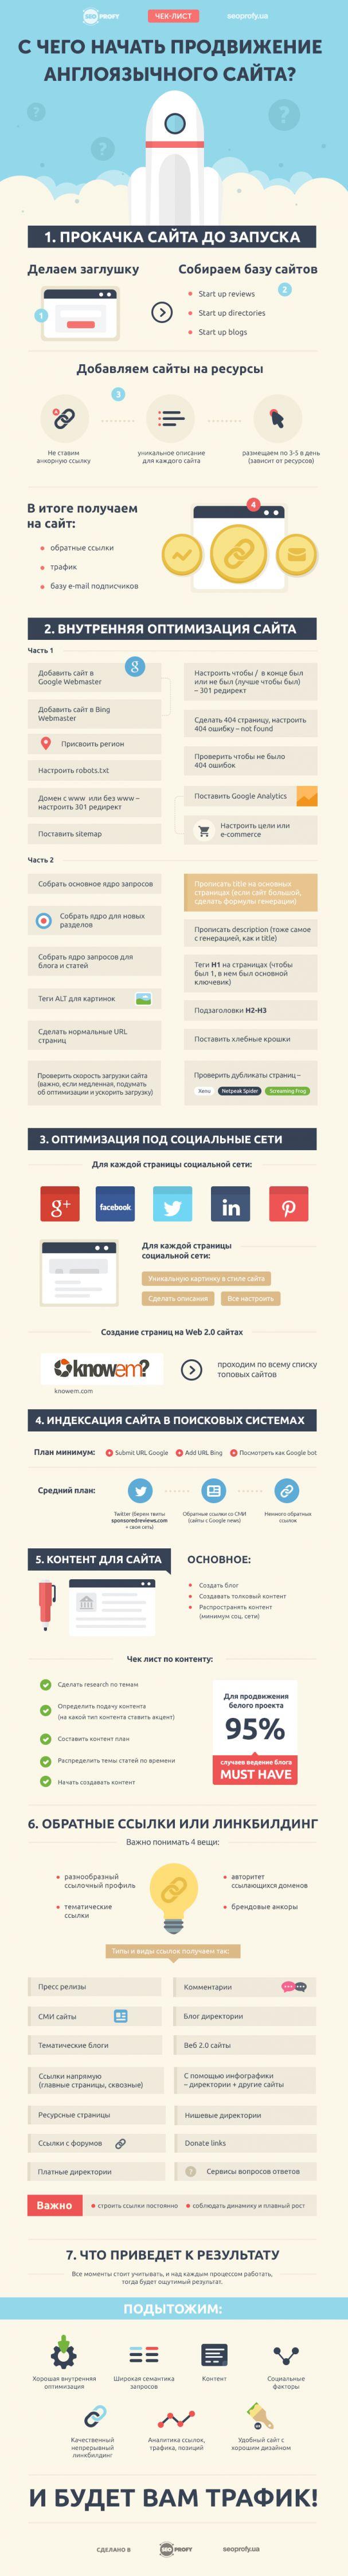 С чего начать продвижение англоязычного сайта – чек лист http://seoprofy.ua/blog/prodvizhenie-sajtov/start-english-seo